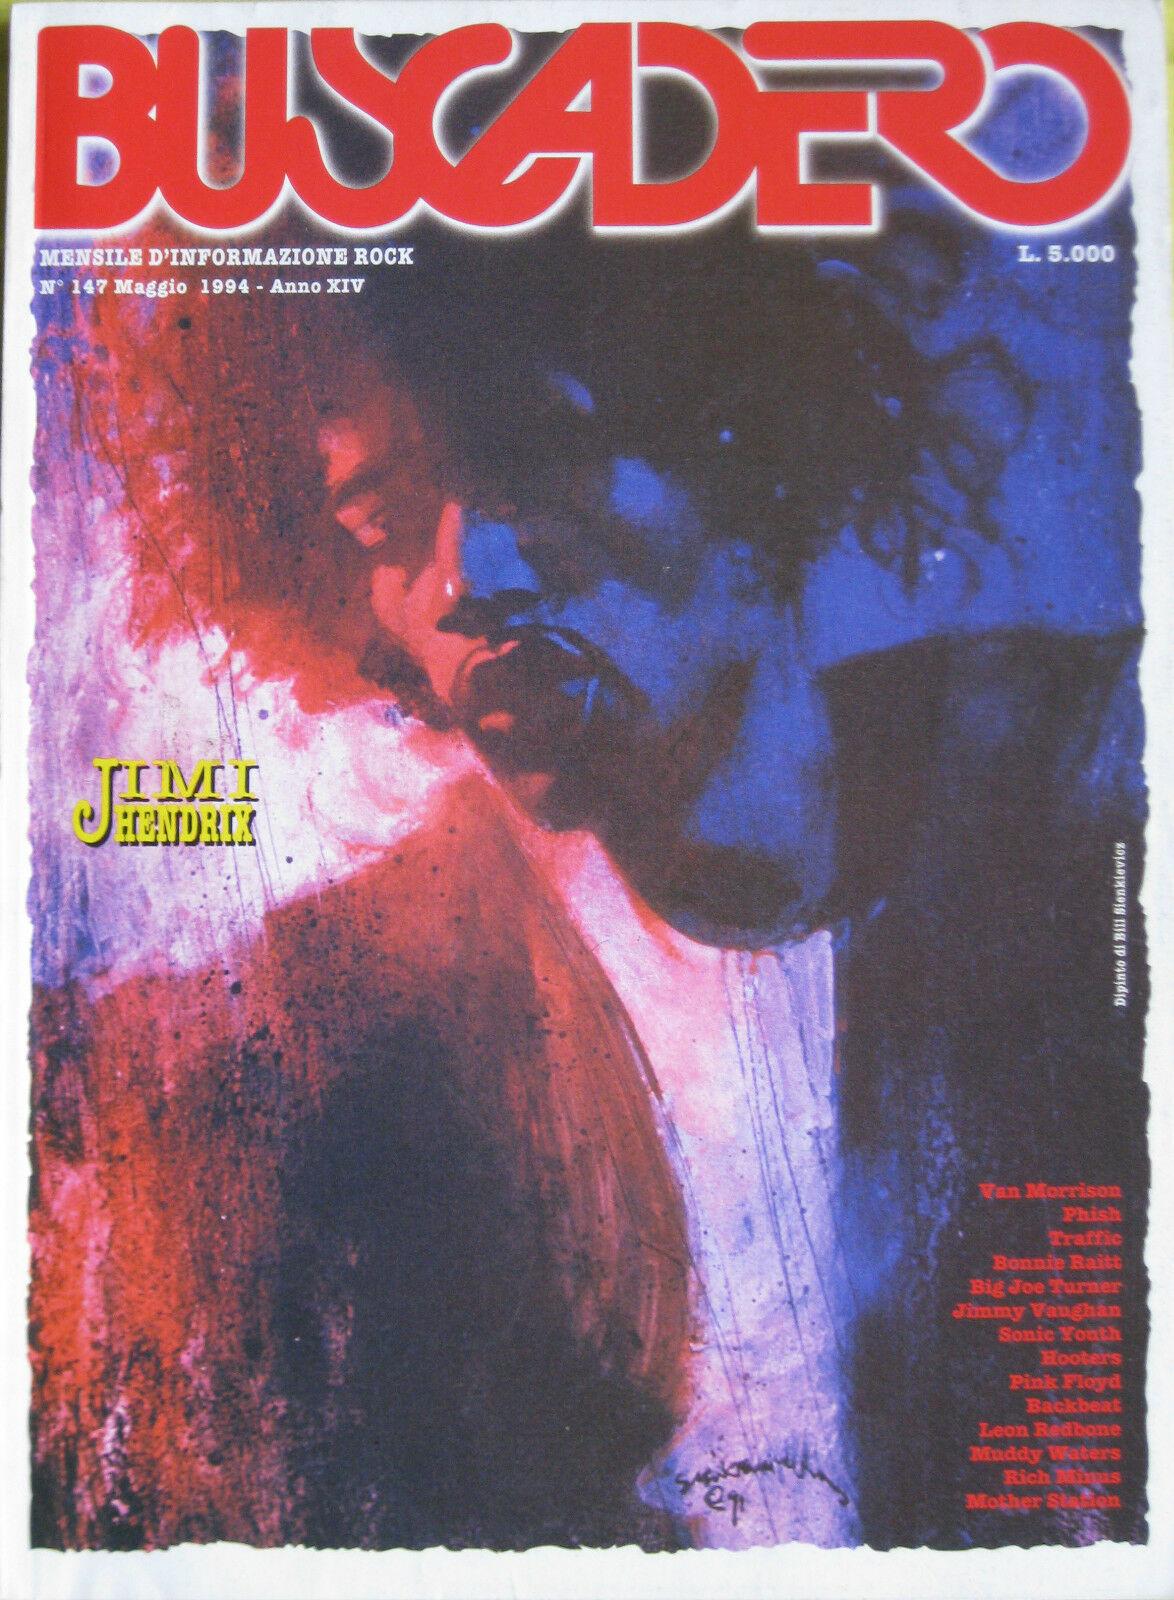 Buscadero n. 147 (maggio 1994)